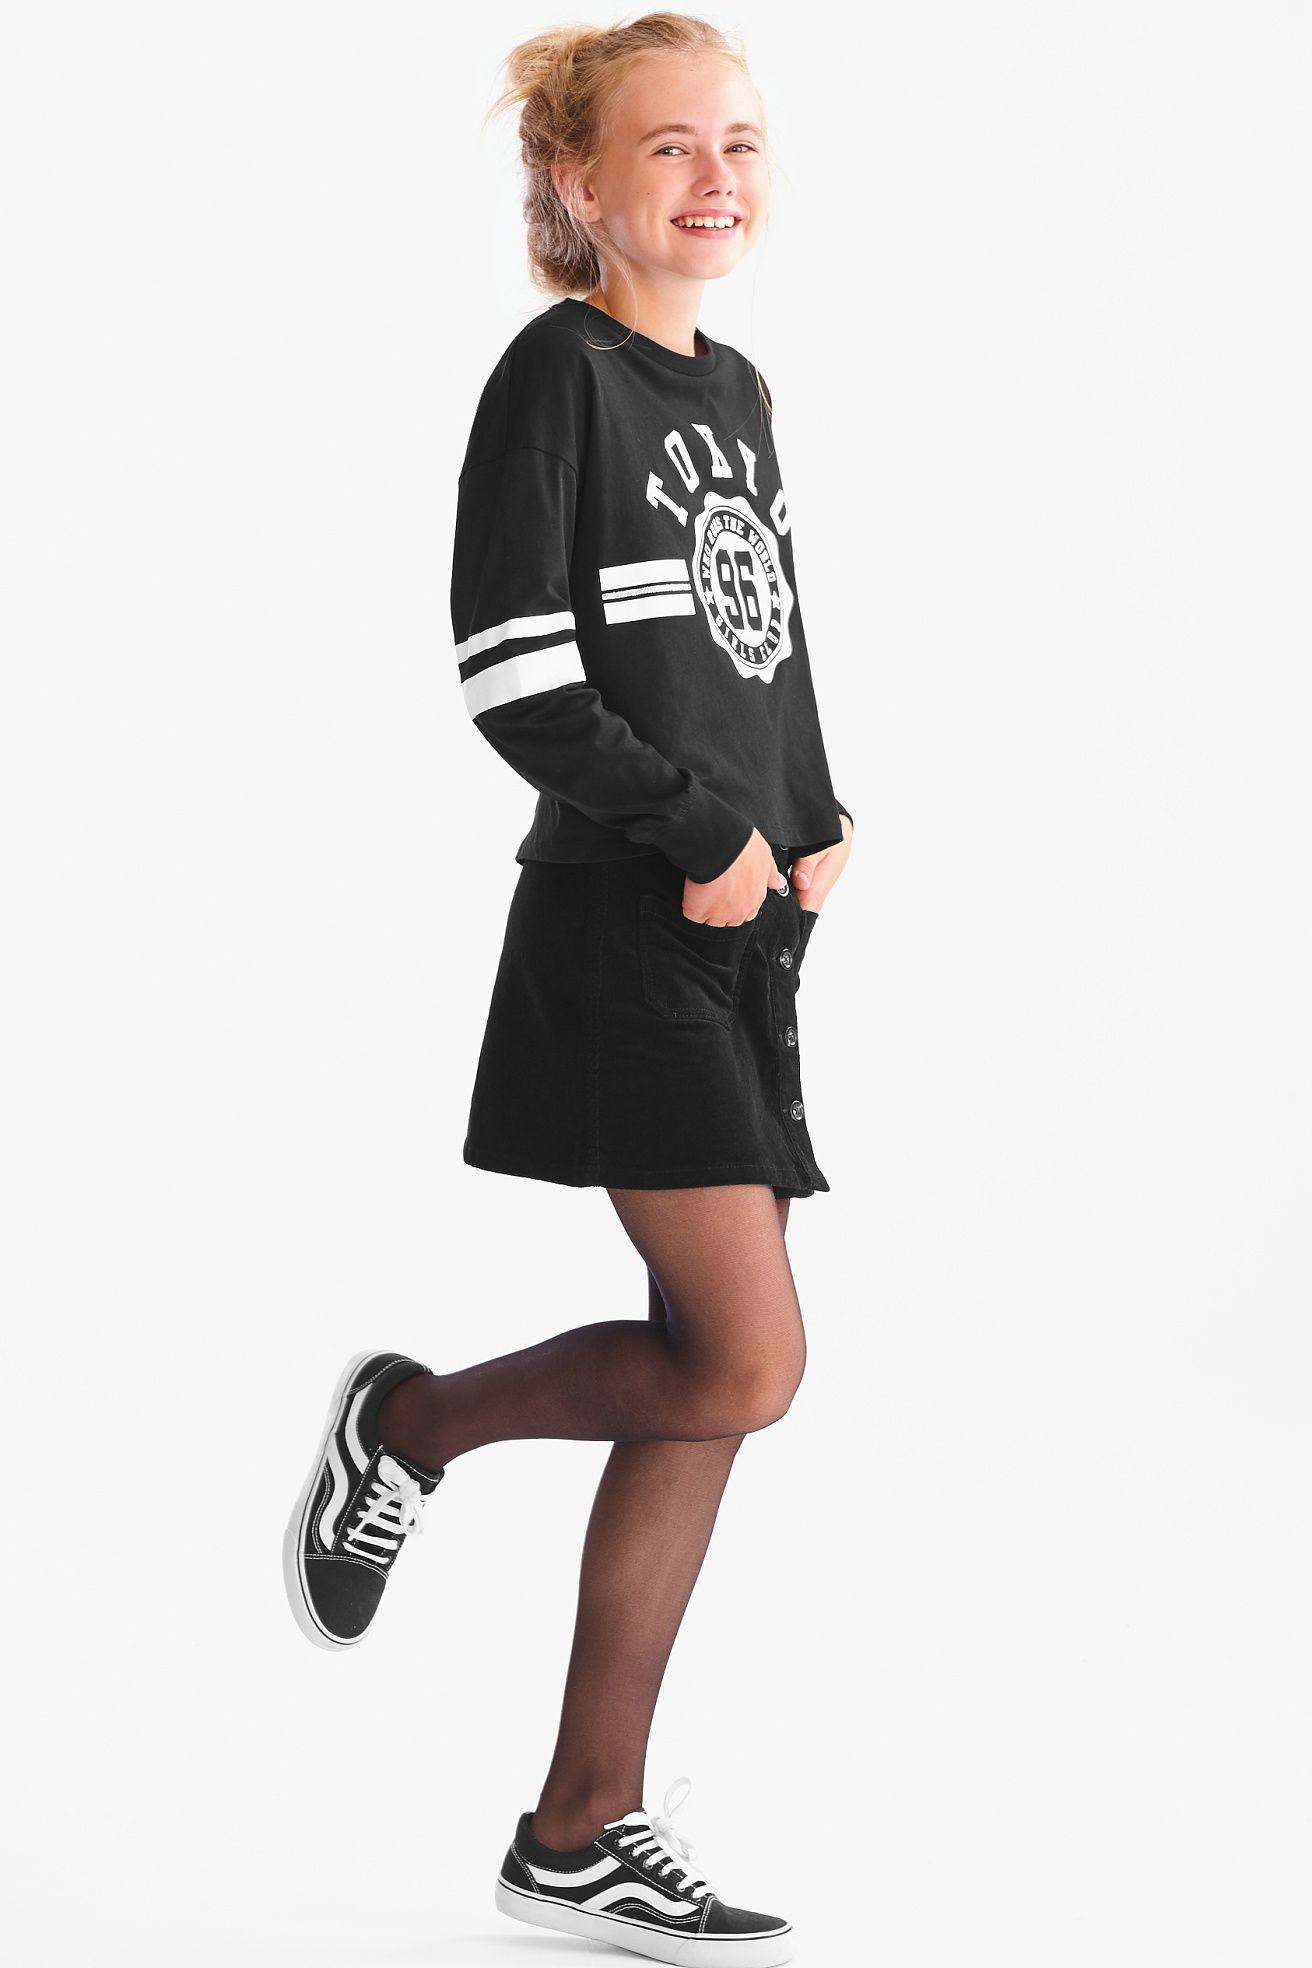 Rock | C&A | Strumpfhosen outfit, Mädchen strumpfhose